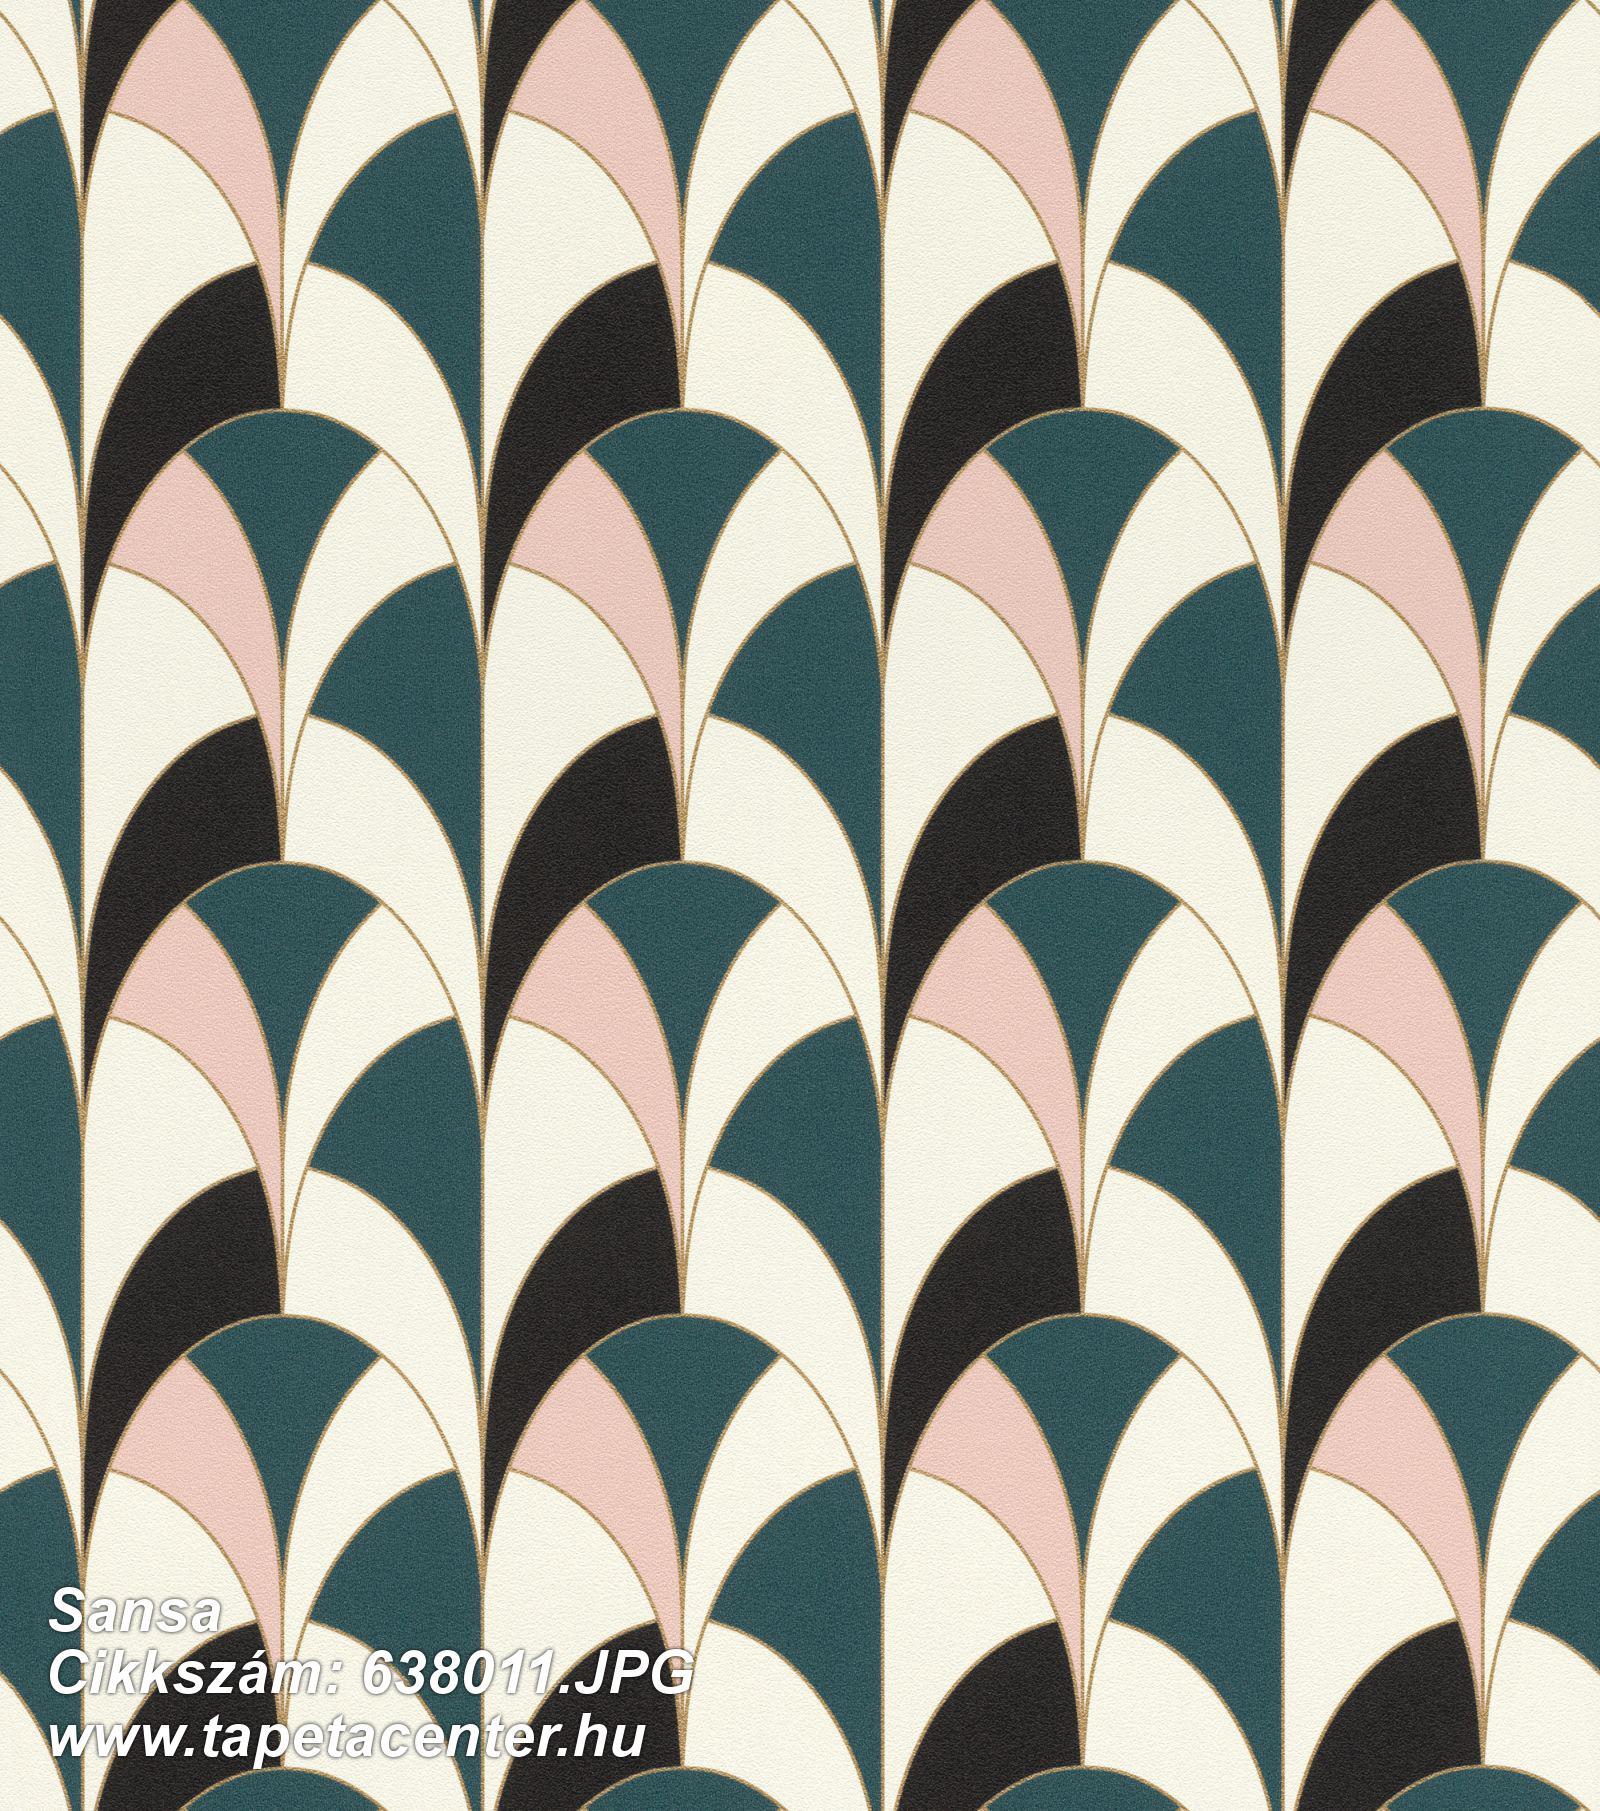 Absztrakt,geometriai mintás,fehér,fekete,pink-rózsaszín,türkiz,lemosható,vlies tapéta